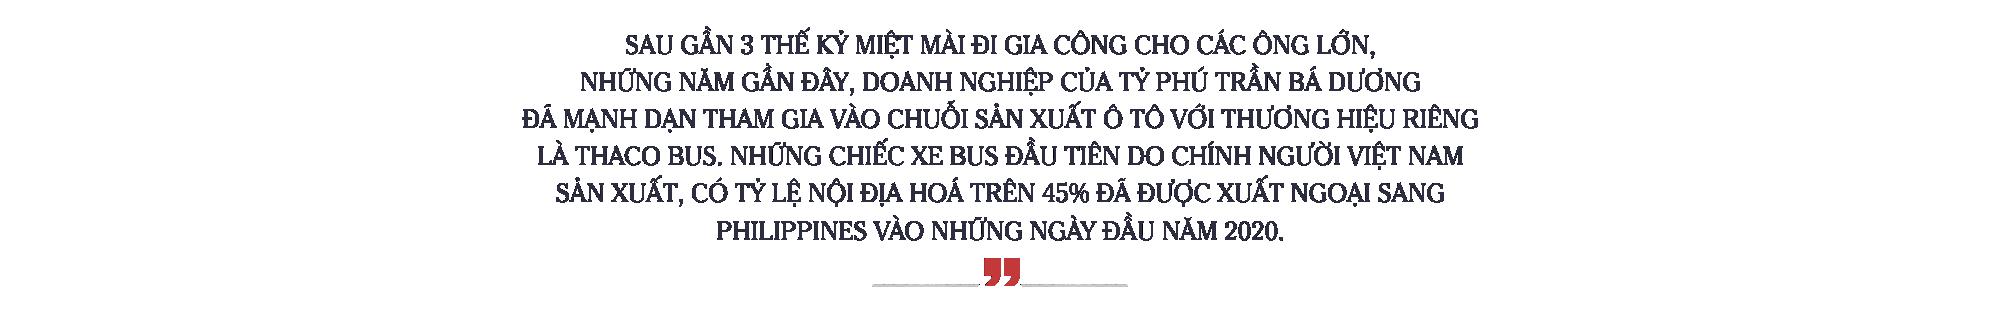 Một thập kỷ vun đắp giấc mơ ngành công nghiệp ô tô 'Made in Vietnam' - Ảnh 7.